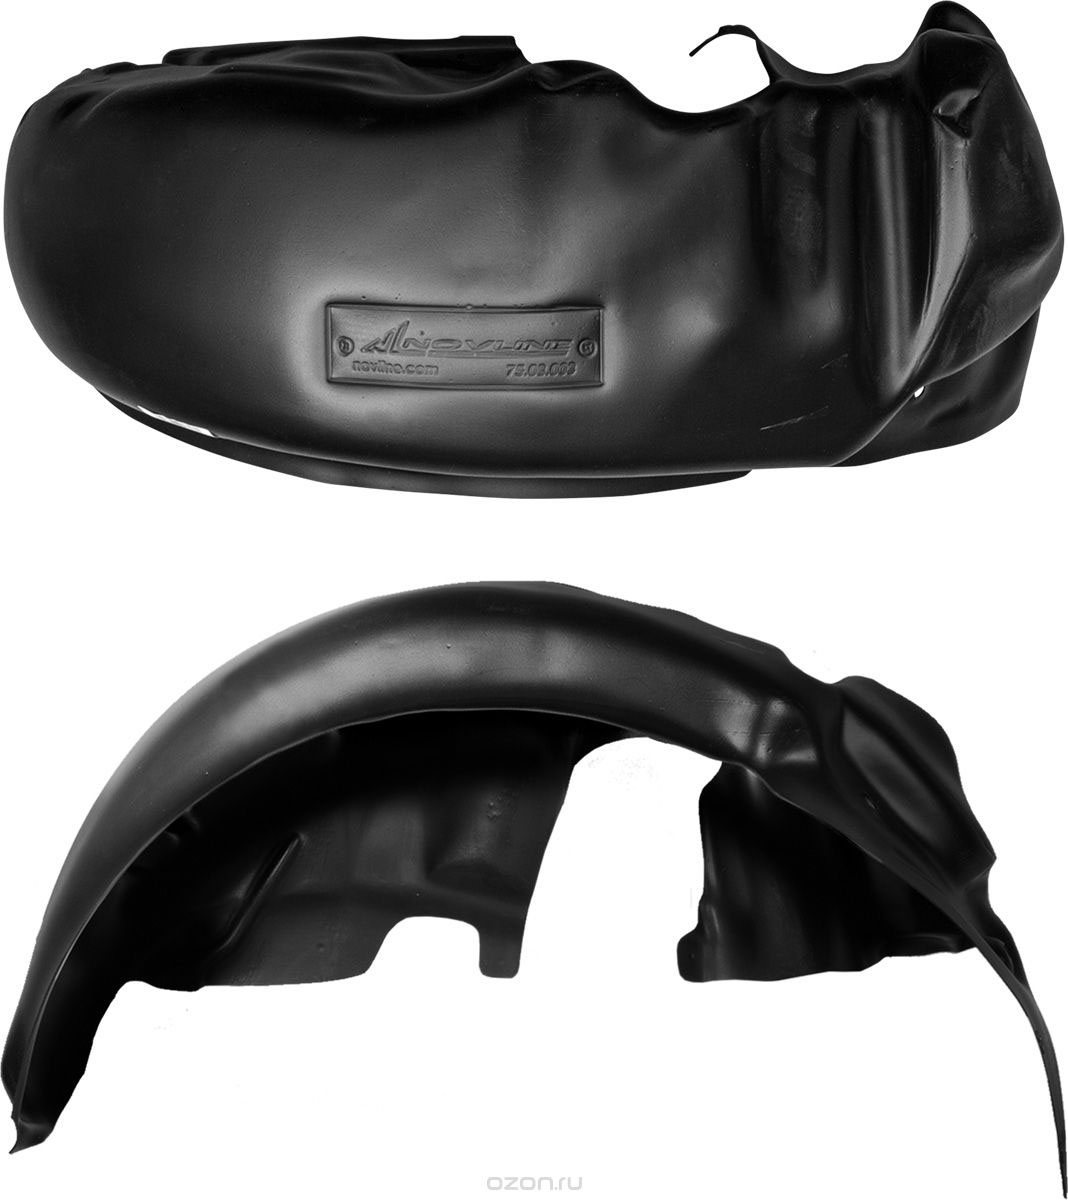 Подкрылок Novline-Autofamily, для PEUGEOT 4007 2007-2012, задний правыйNLL.38.10.004Идеальная защита колесной ниши. Локеры разработаны с применением цифровых технологий, гарантируют максимальную повторяемость поверхности арки. Изделия устанавливаются без нарушения лакокрасочного покрытия автомобиля, каждый подкрылок комплектуется крепежом. Уважаемые клиенты, обращаем ваше внимание, что фотографии на подкрылки универсальные и не отражают реальную форму изделия. При этом само изделие идет точно под размер указанного автомобиля.